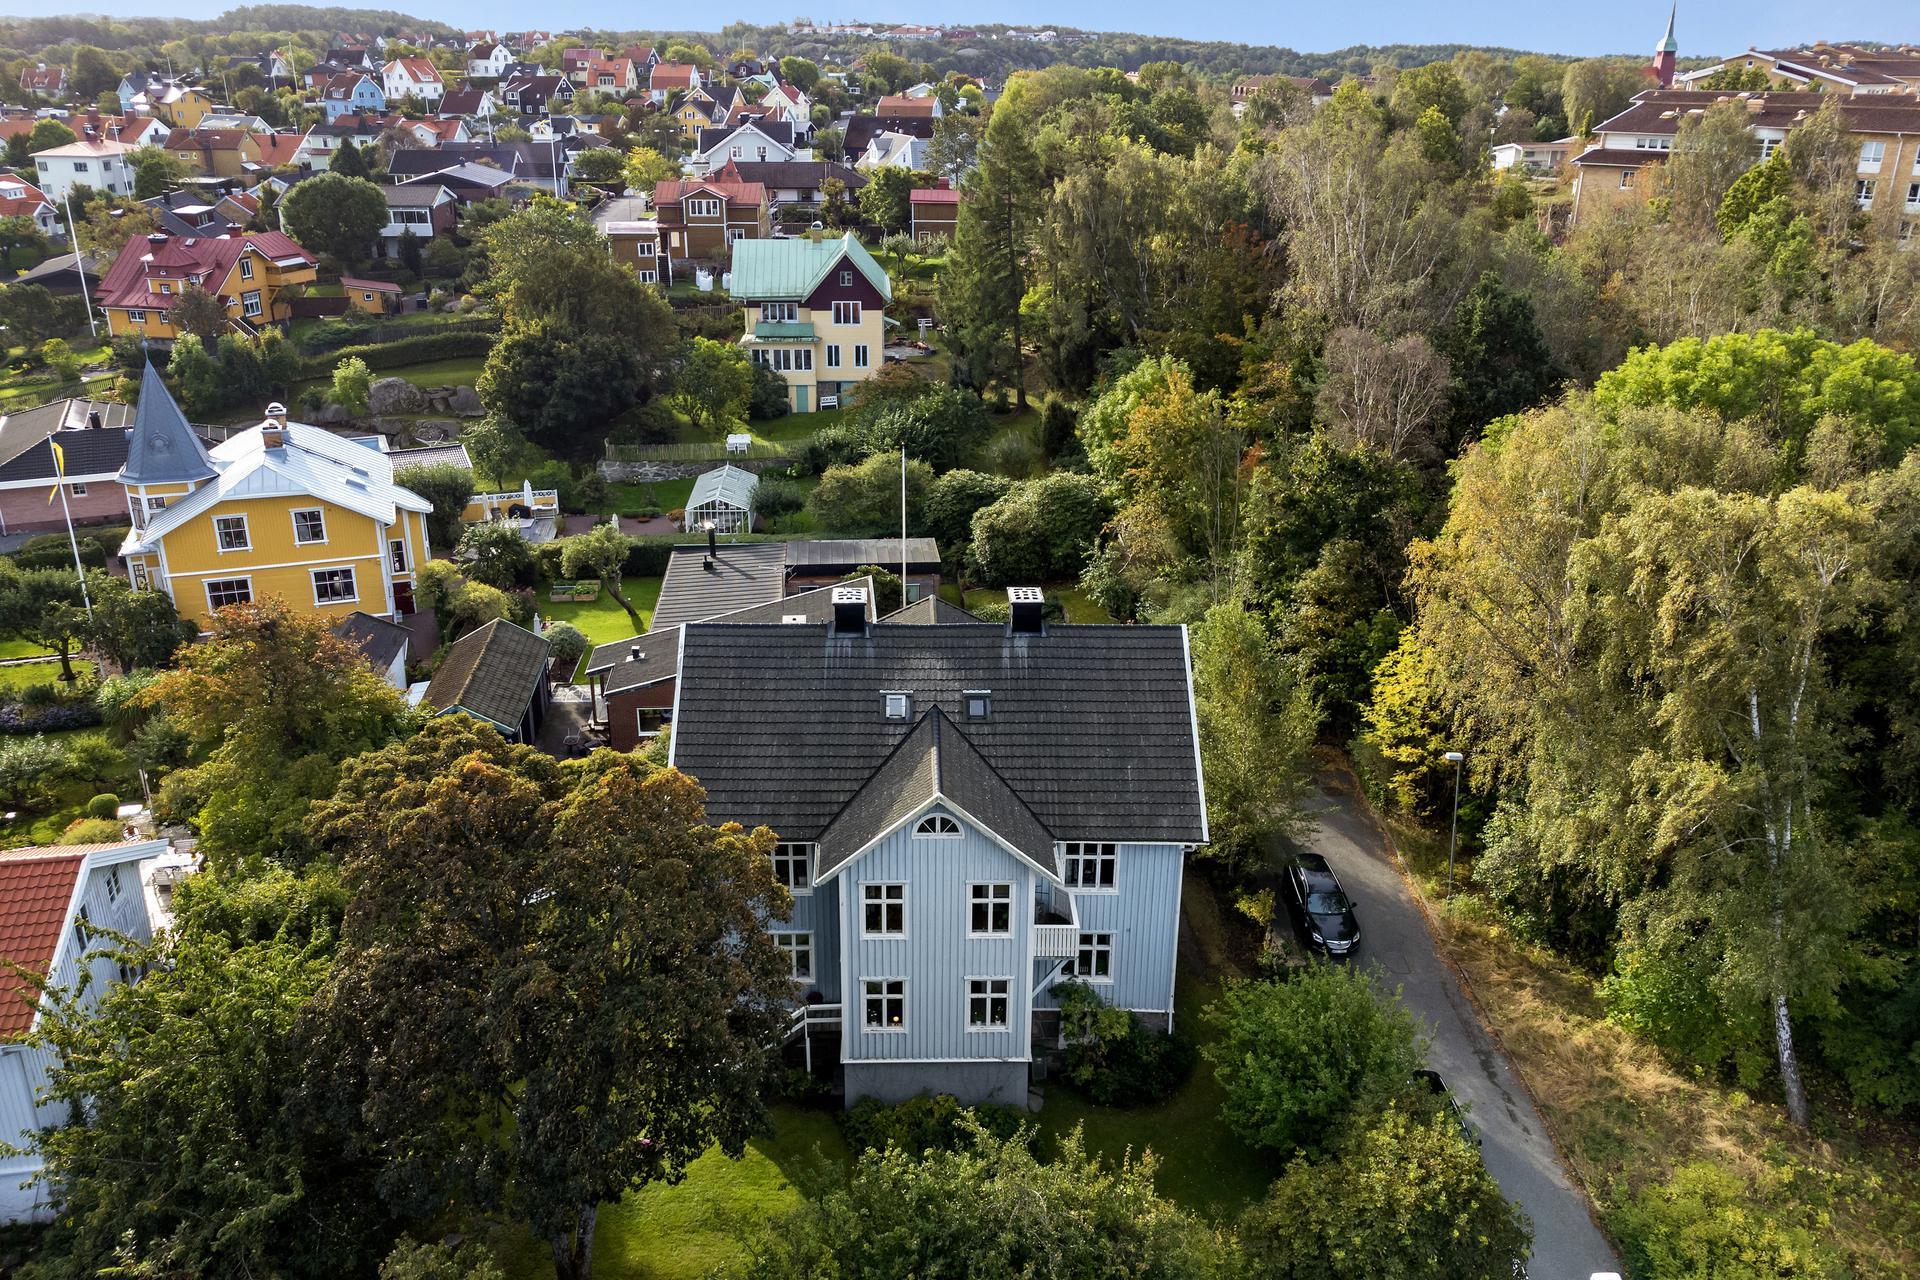 Stor 2-familjsvilla med lugnt idylliskt läge.